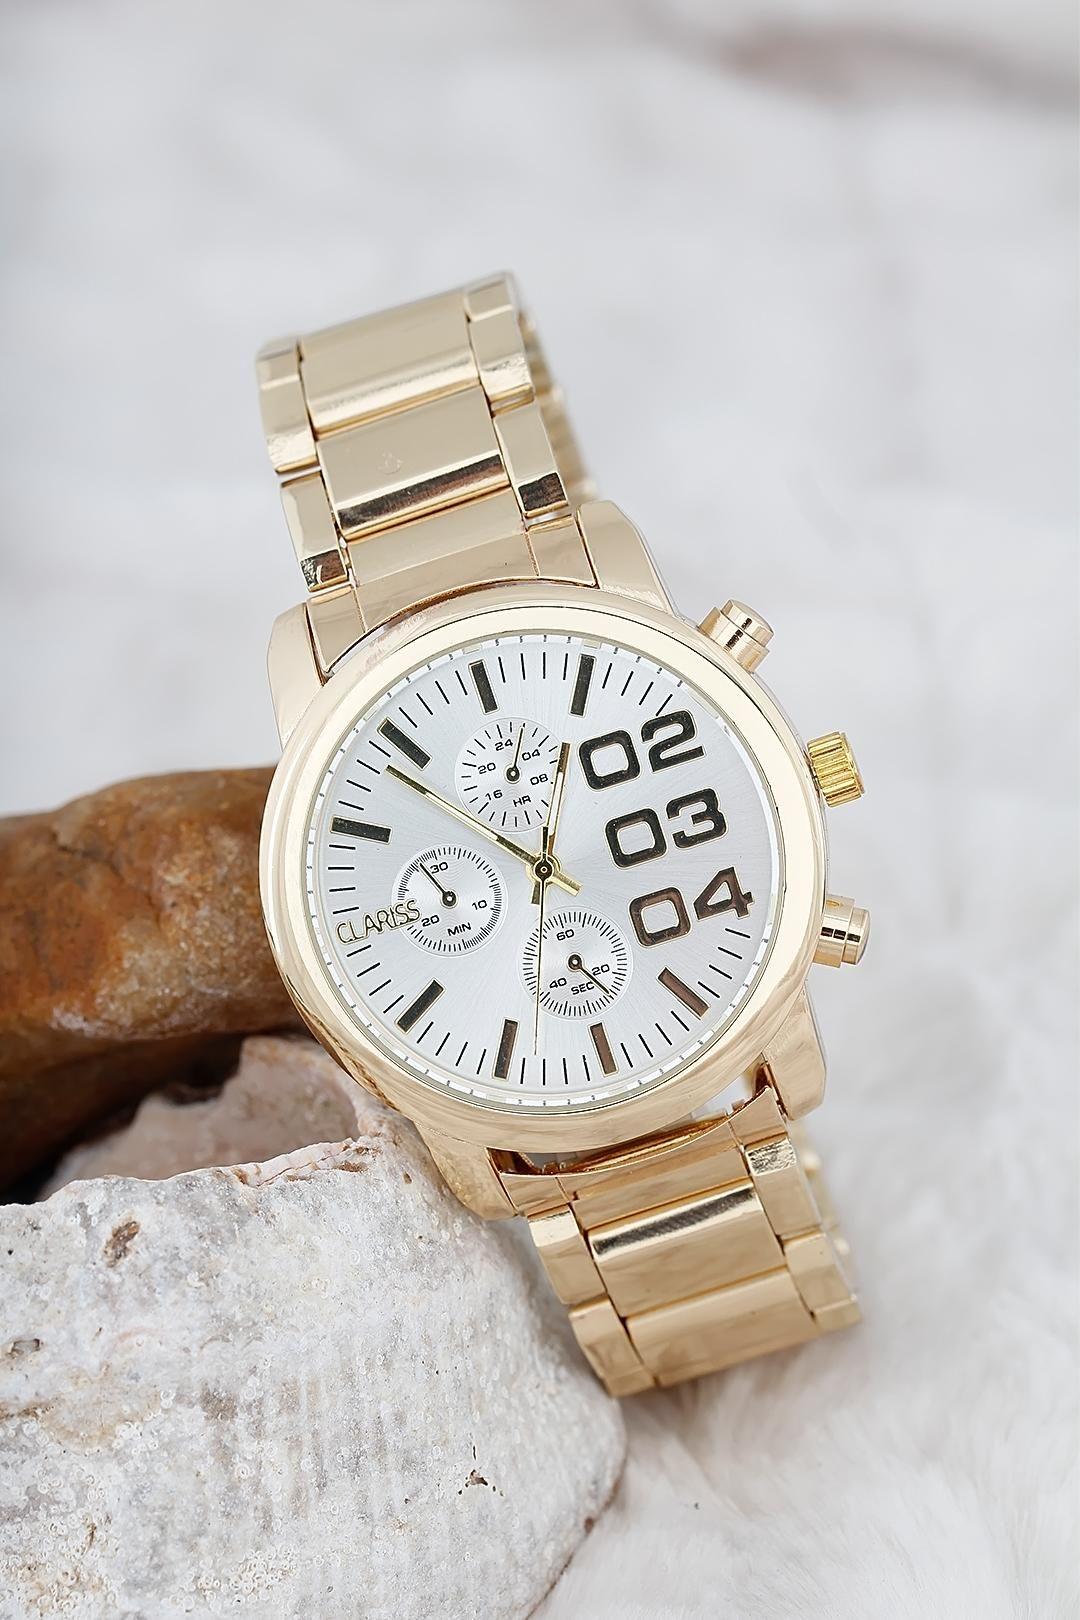 Bronz Ve Beyaz Renk Yeni Sezon Clariss Marka Metal Kordonlu Bayan Saat Stok Kodu Bs1007 Hediye Bayan Saatleri Aksesuarlar Ve Taki